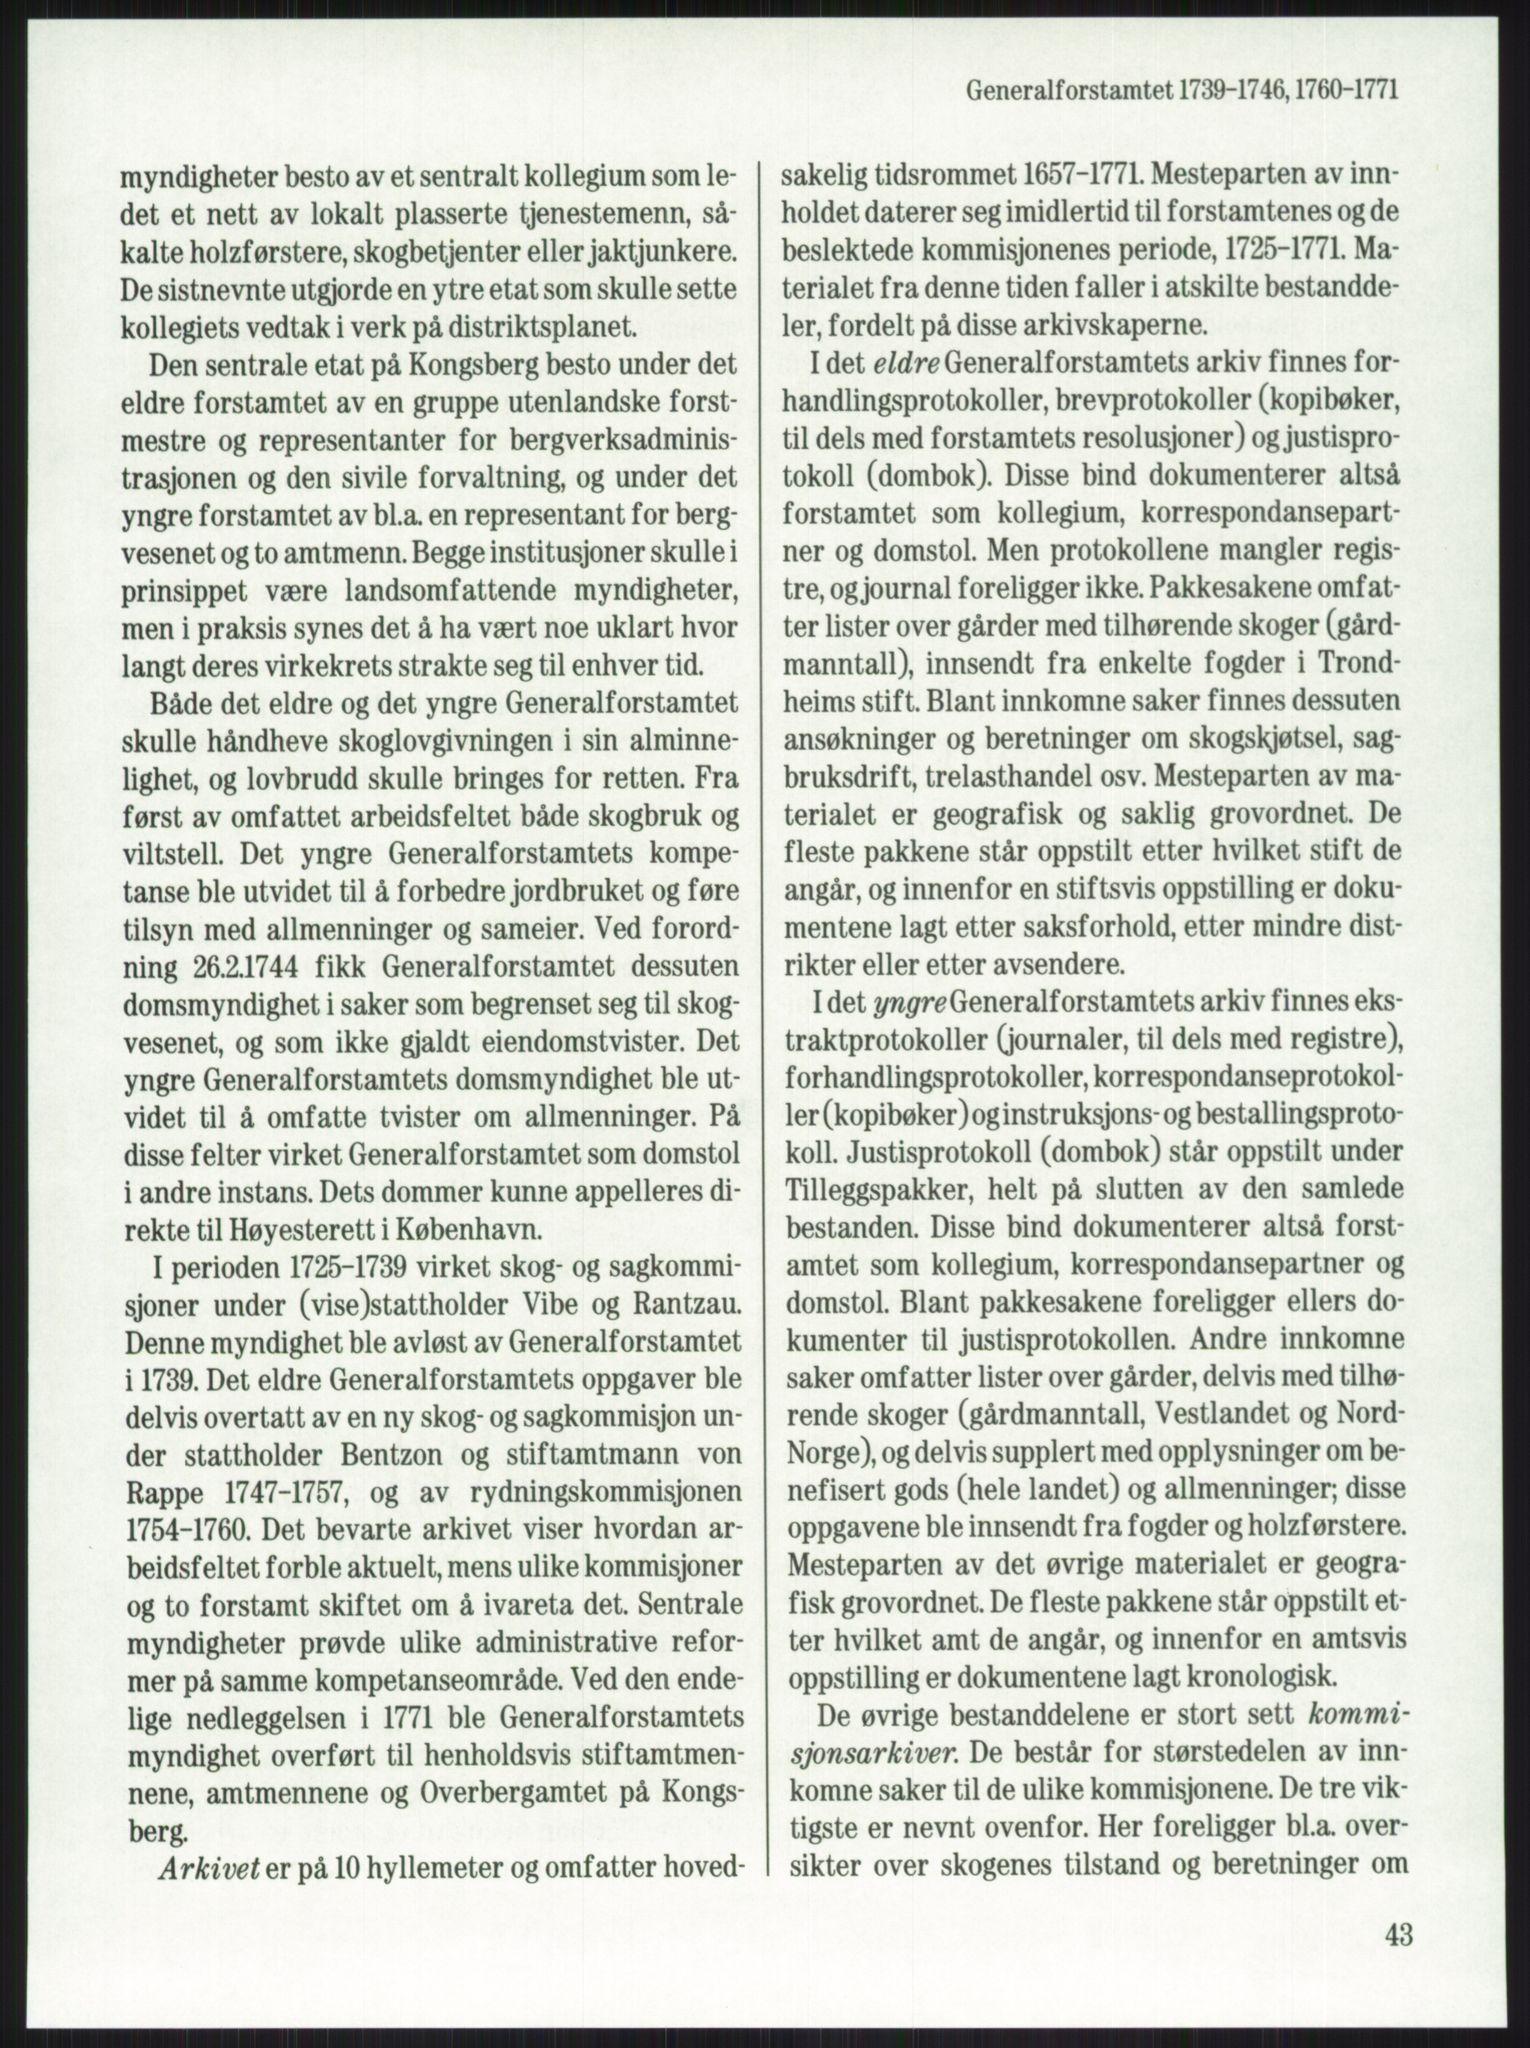 PUBL, Publikasjoner utgitt av Arkivverket, -/-: Knut Johannessen, Ole Kolsrud og Dag Mangset (red.): Håndbok for Riksarkivet (1992), s. 43